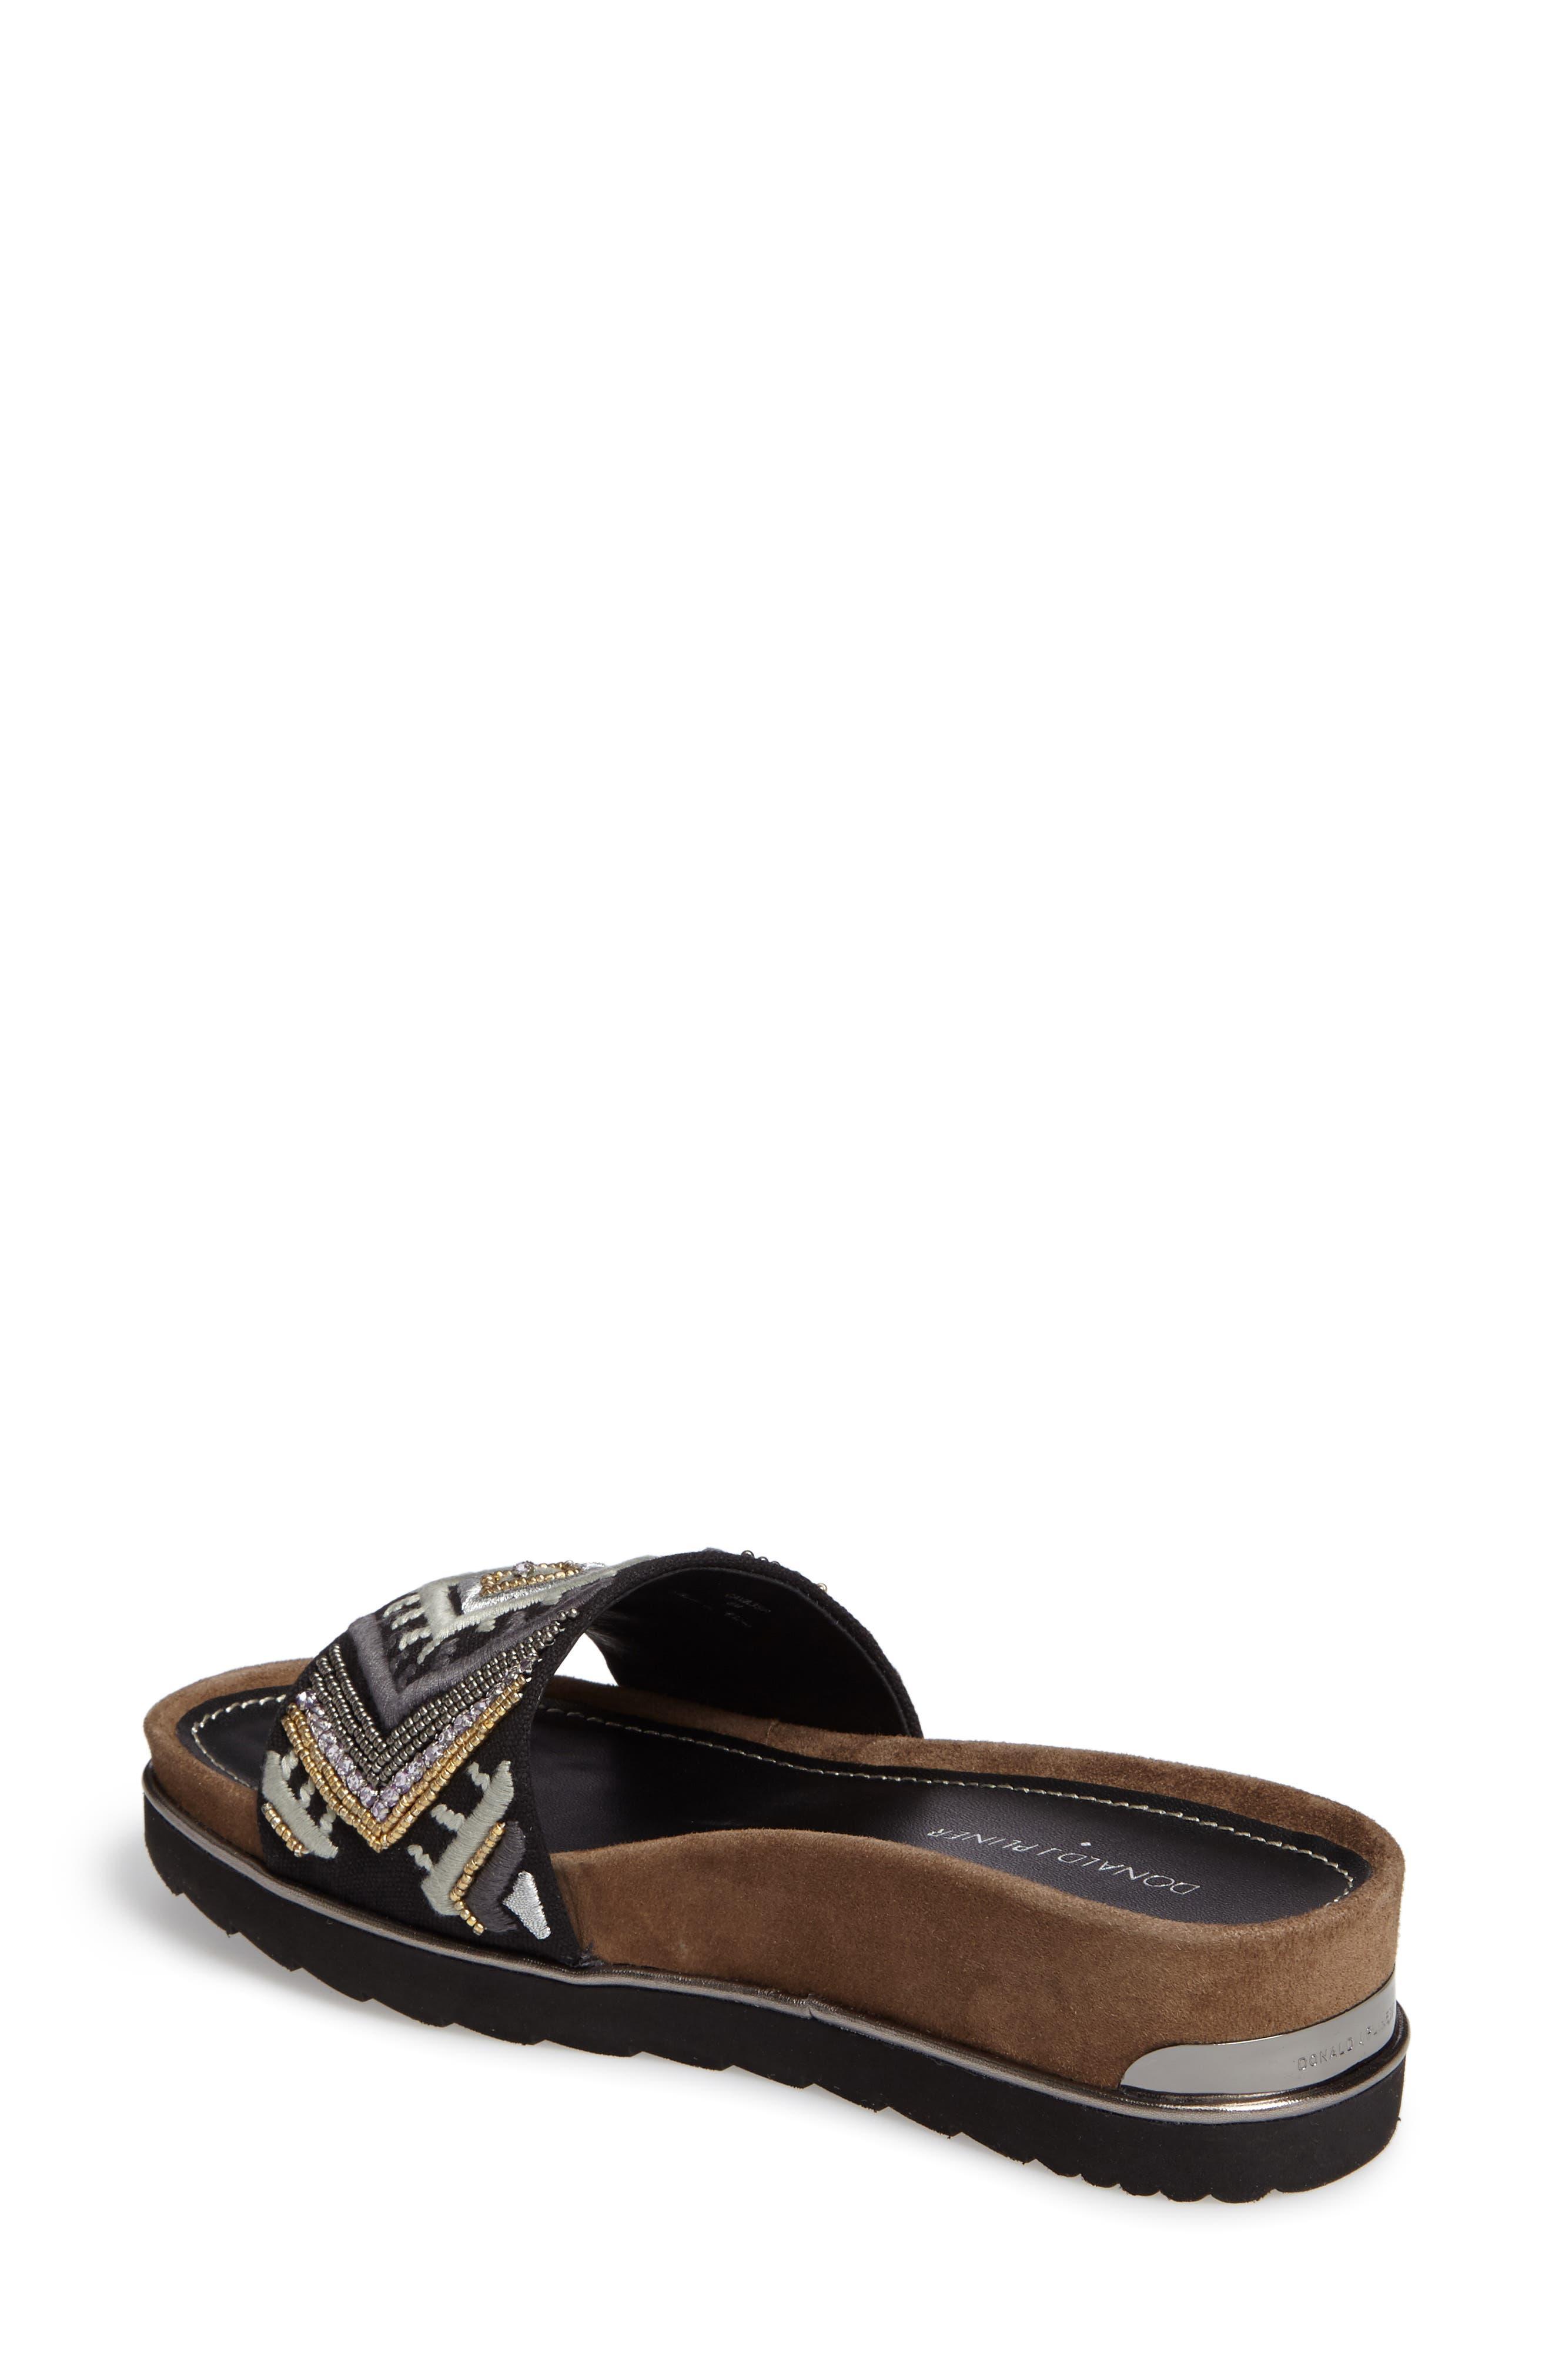 Cava Slide Sandal,                             Alternate thumbnail 30, color,